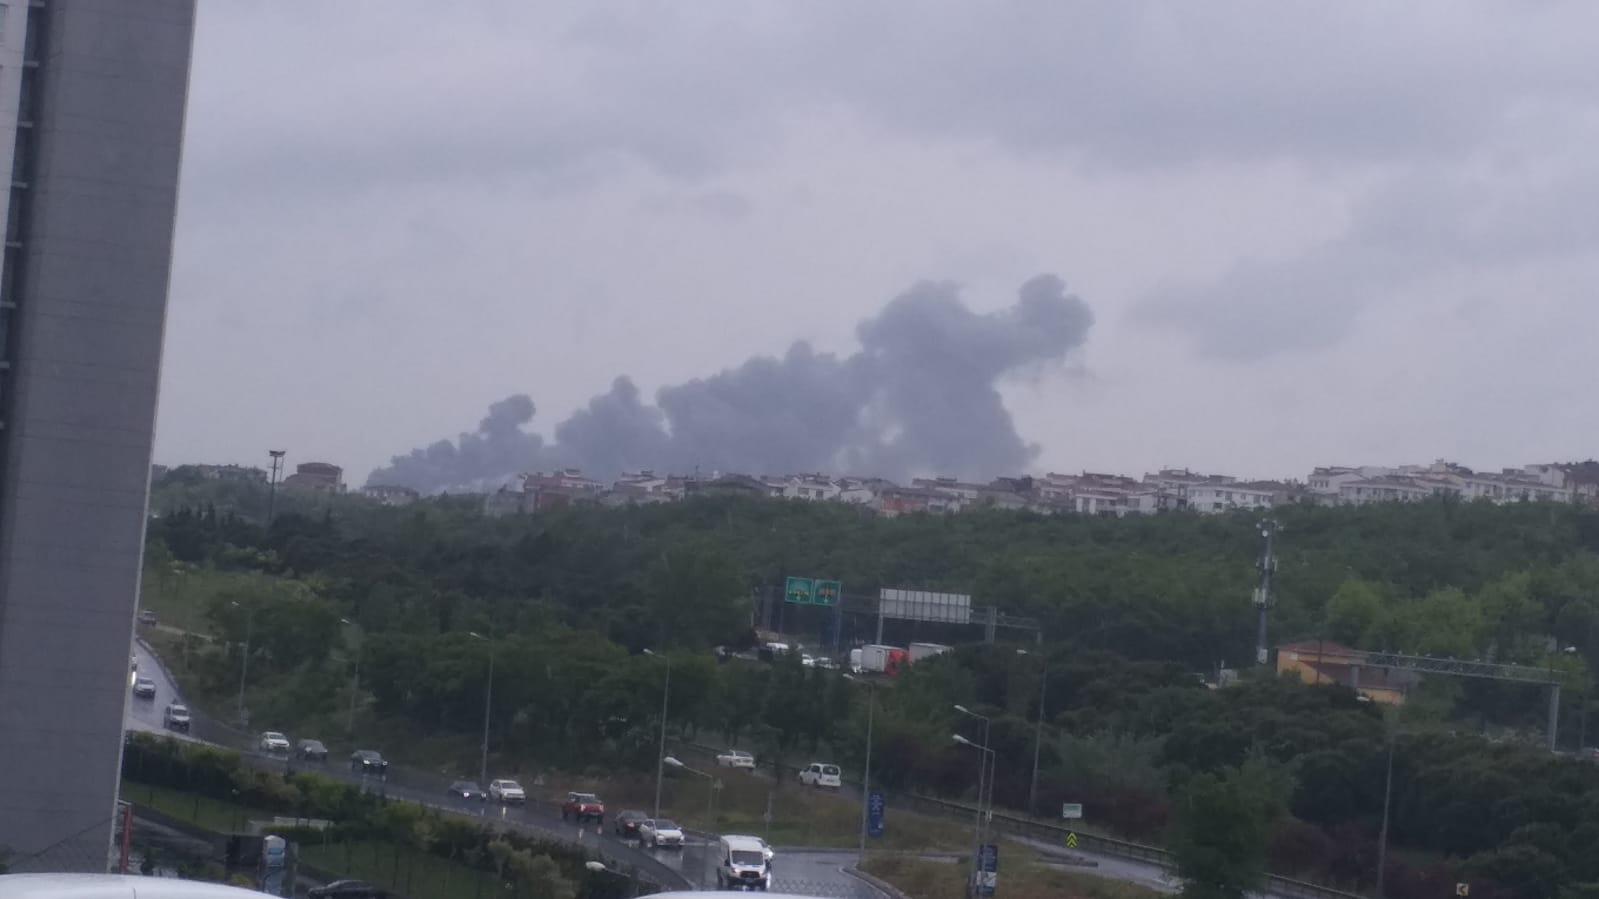 Avcılar firuzköy'de ki yangın itfaiye alarma geçirdi